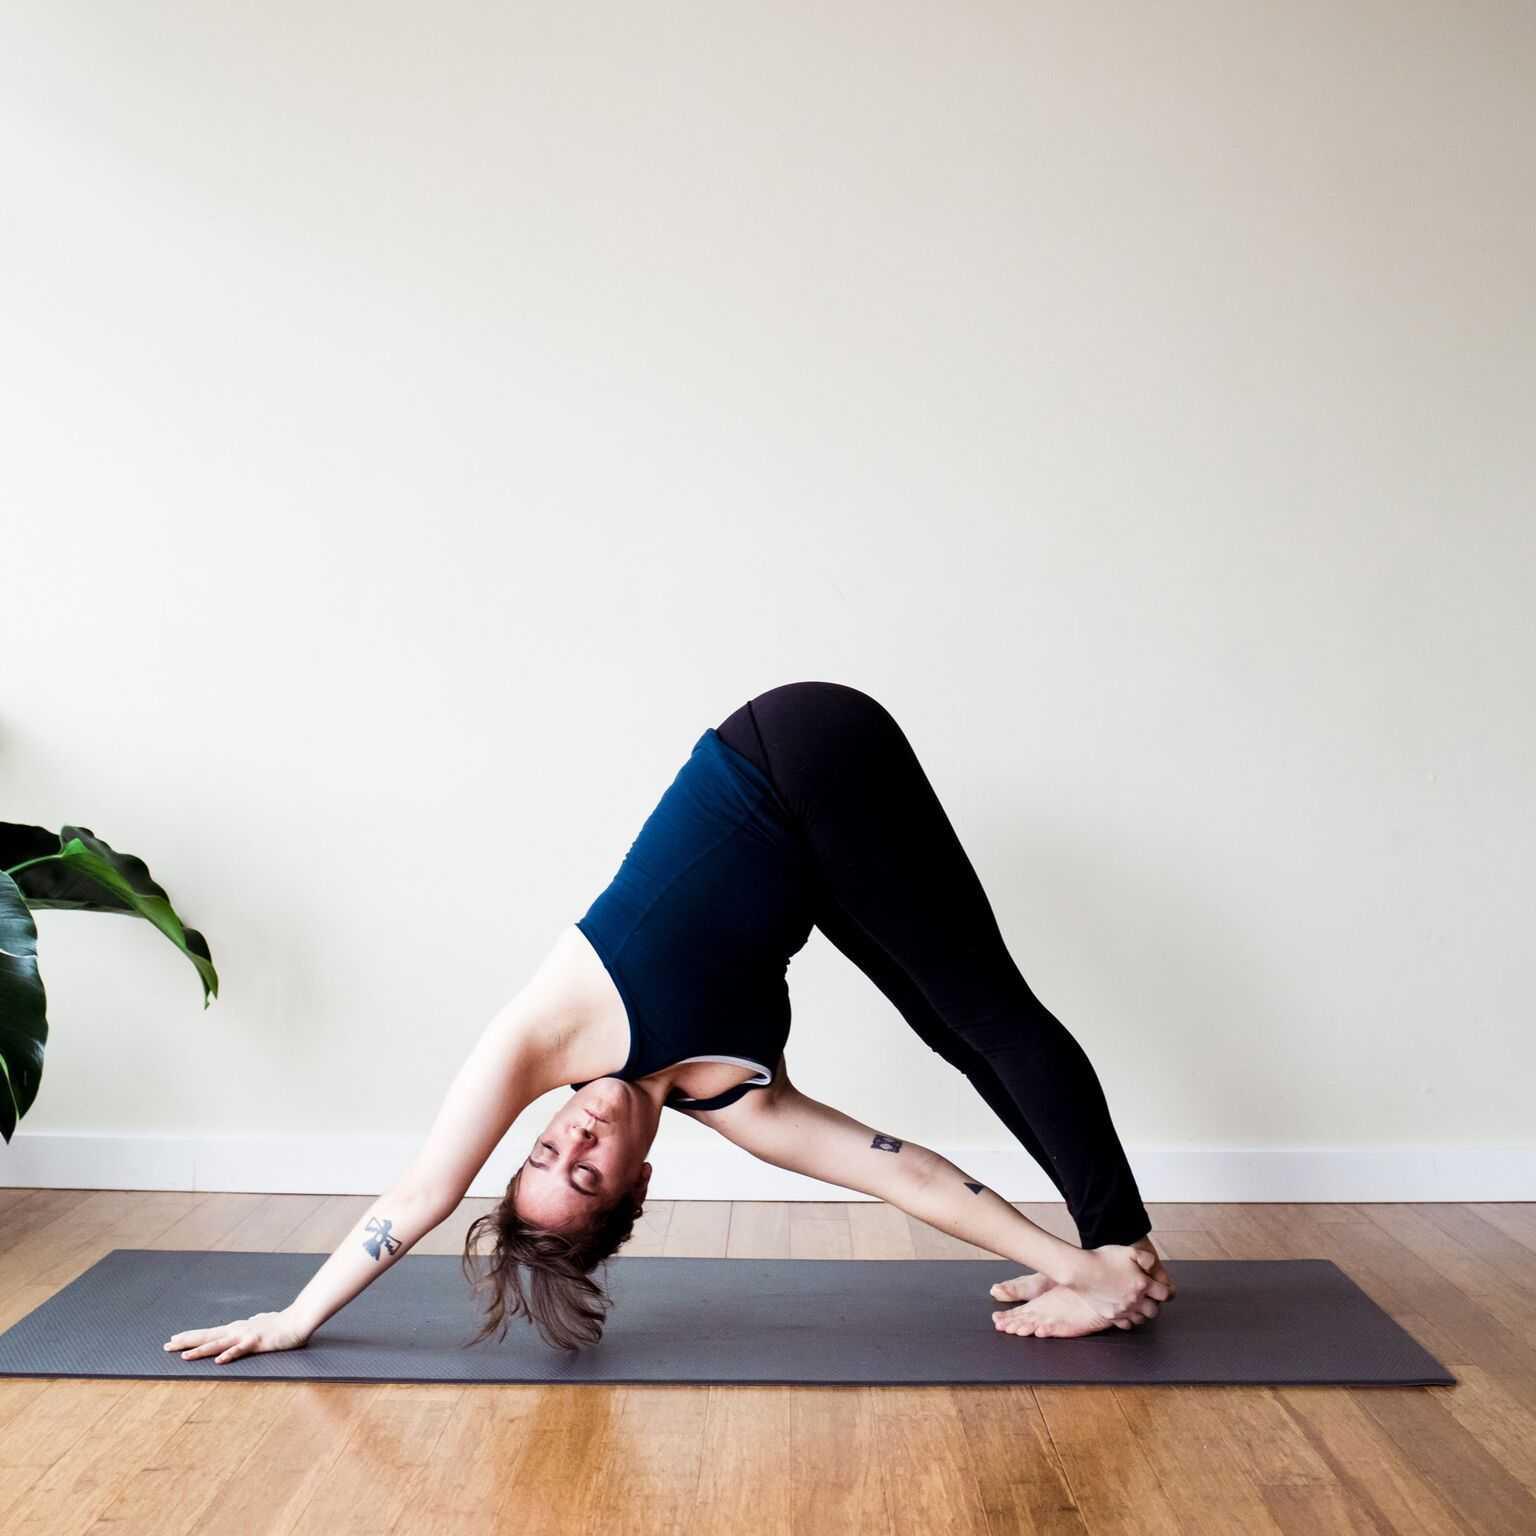 Хатха йога - 100 фото подготовки, асанов и базовых упражнений